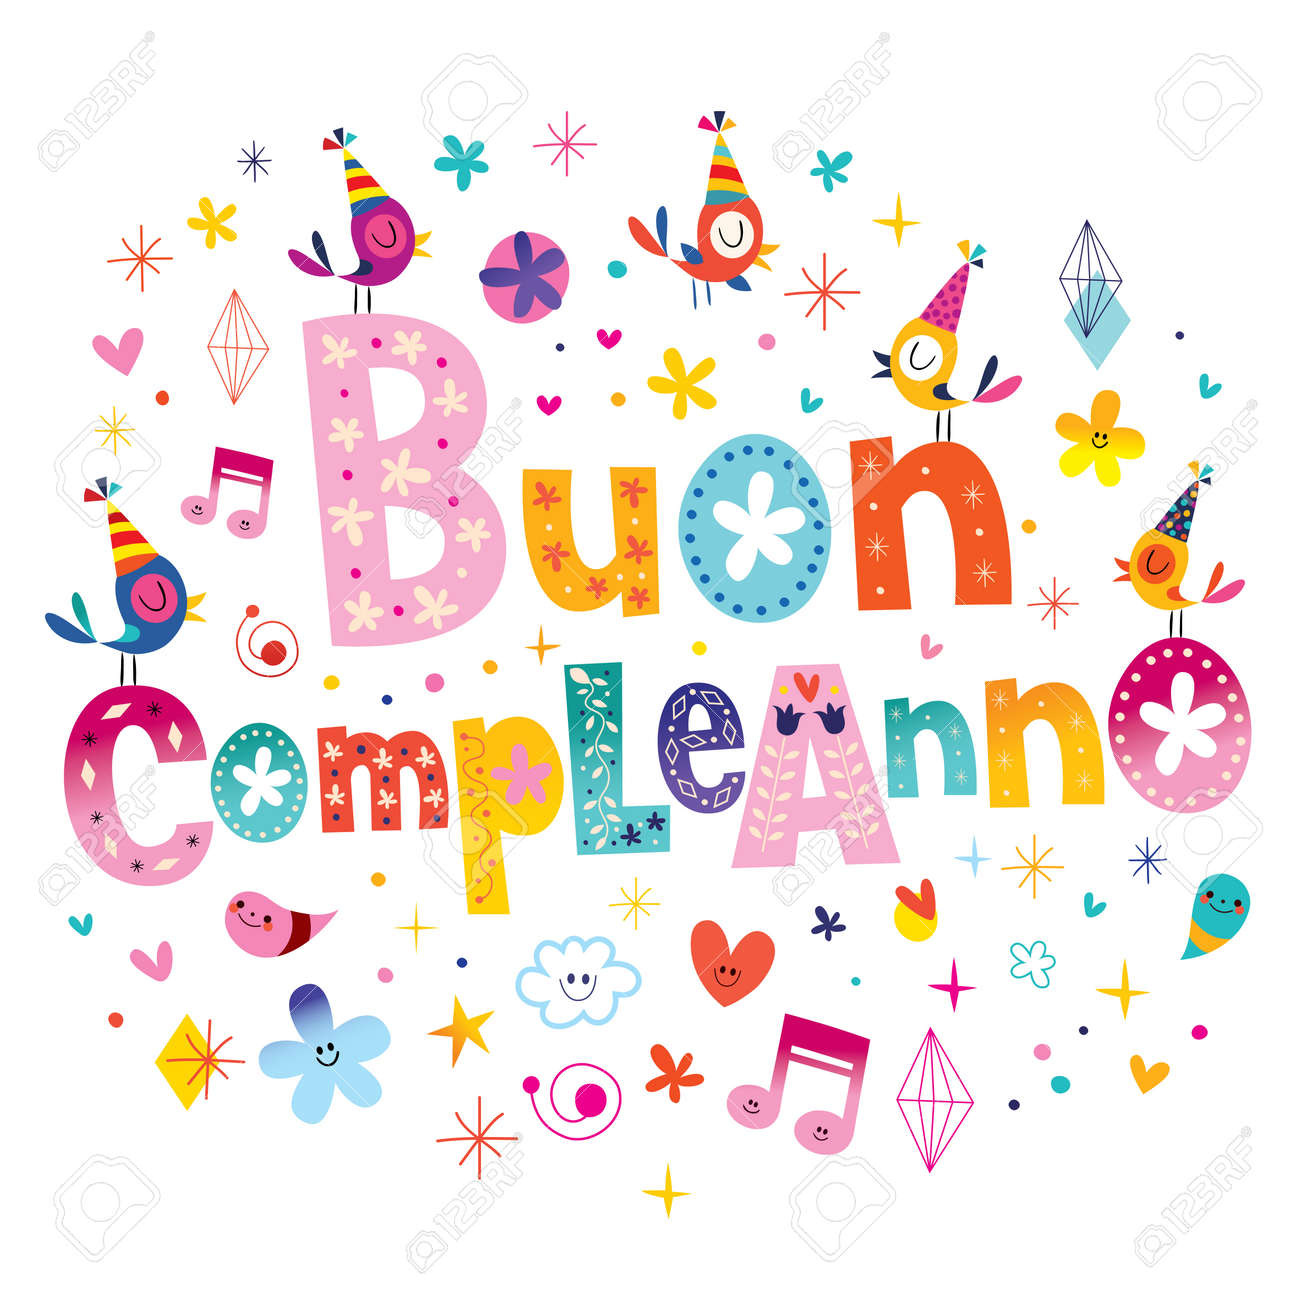 Italienisch liebe zum geburtstag Bilder Geburtstag